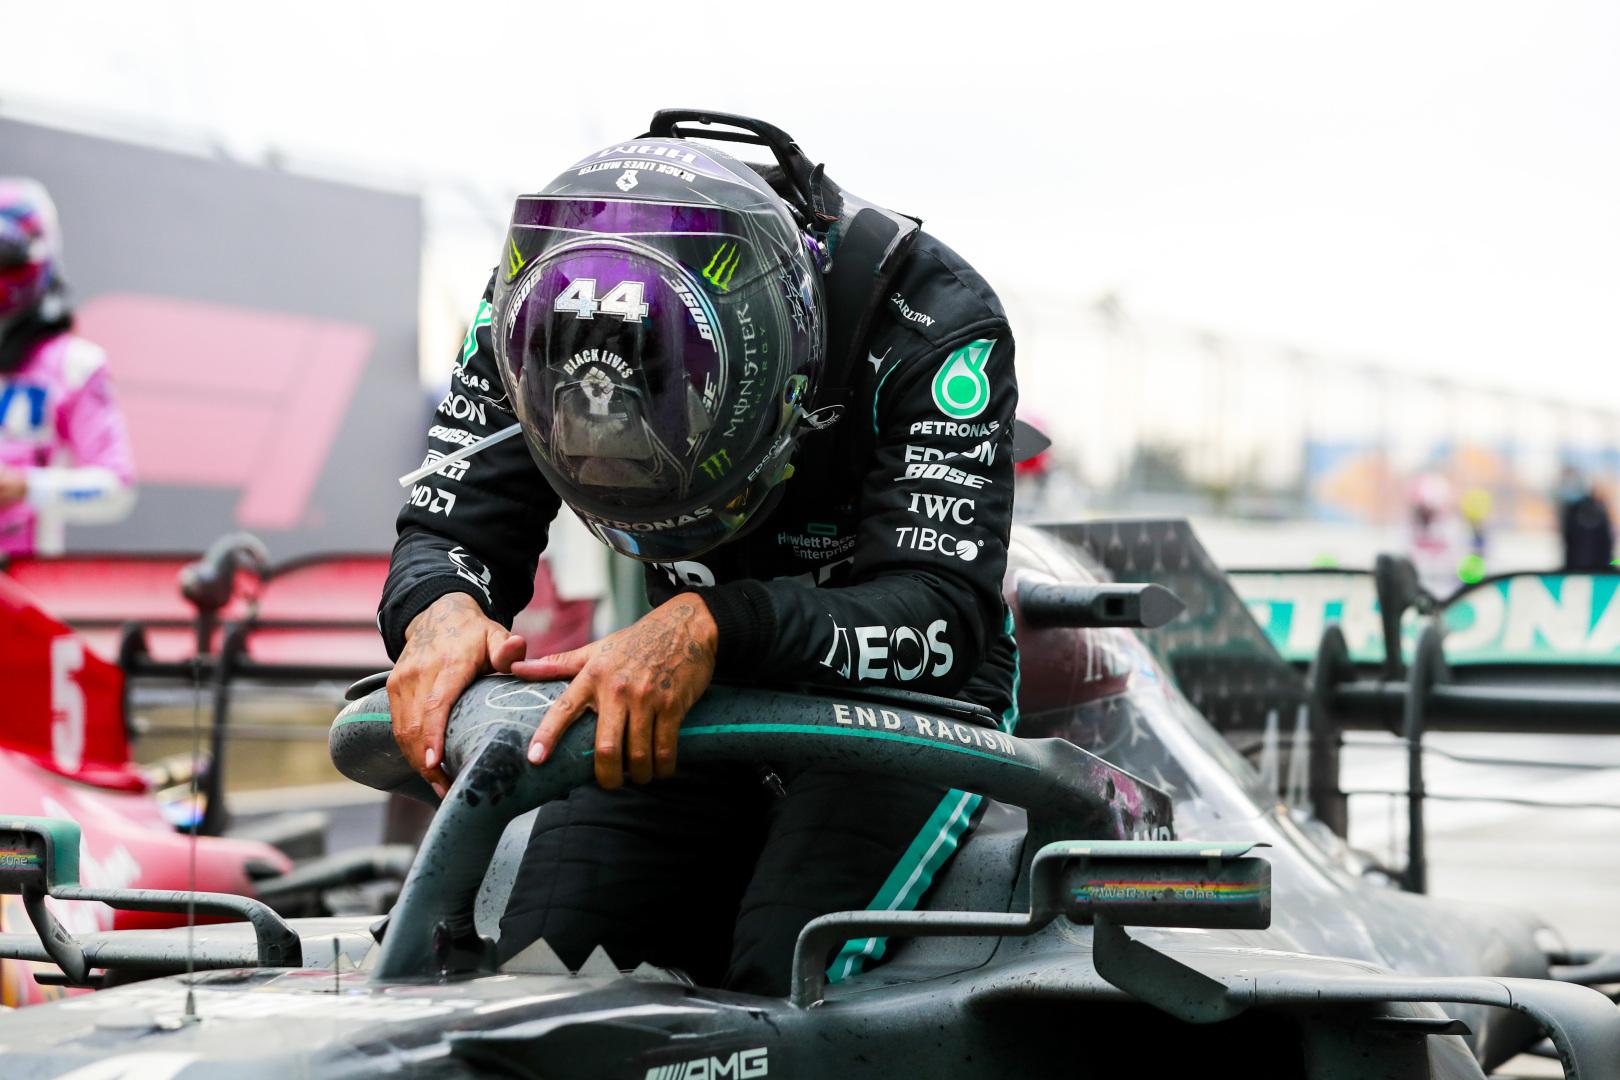 F1 - Hamilton : aucun pilote n'a remporté de championnat sans une bonne voiture